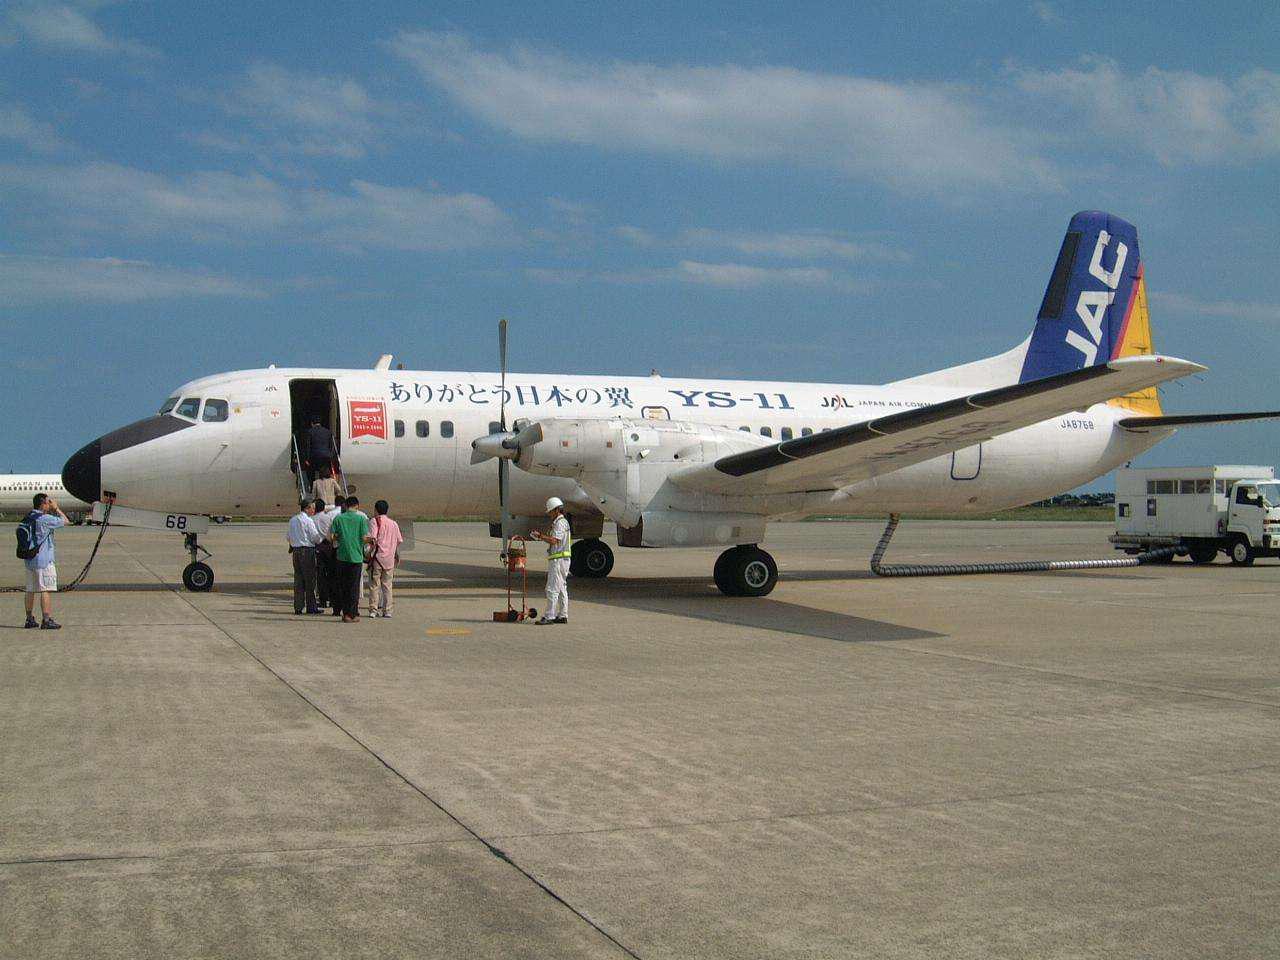 日本航空工业很强?自产民航机182架坠毁26架